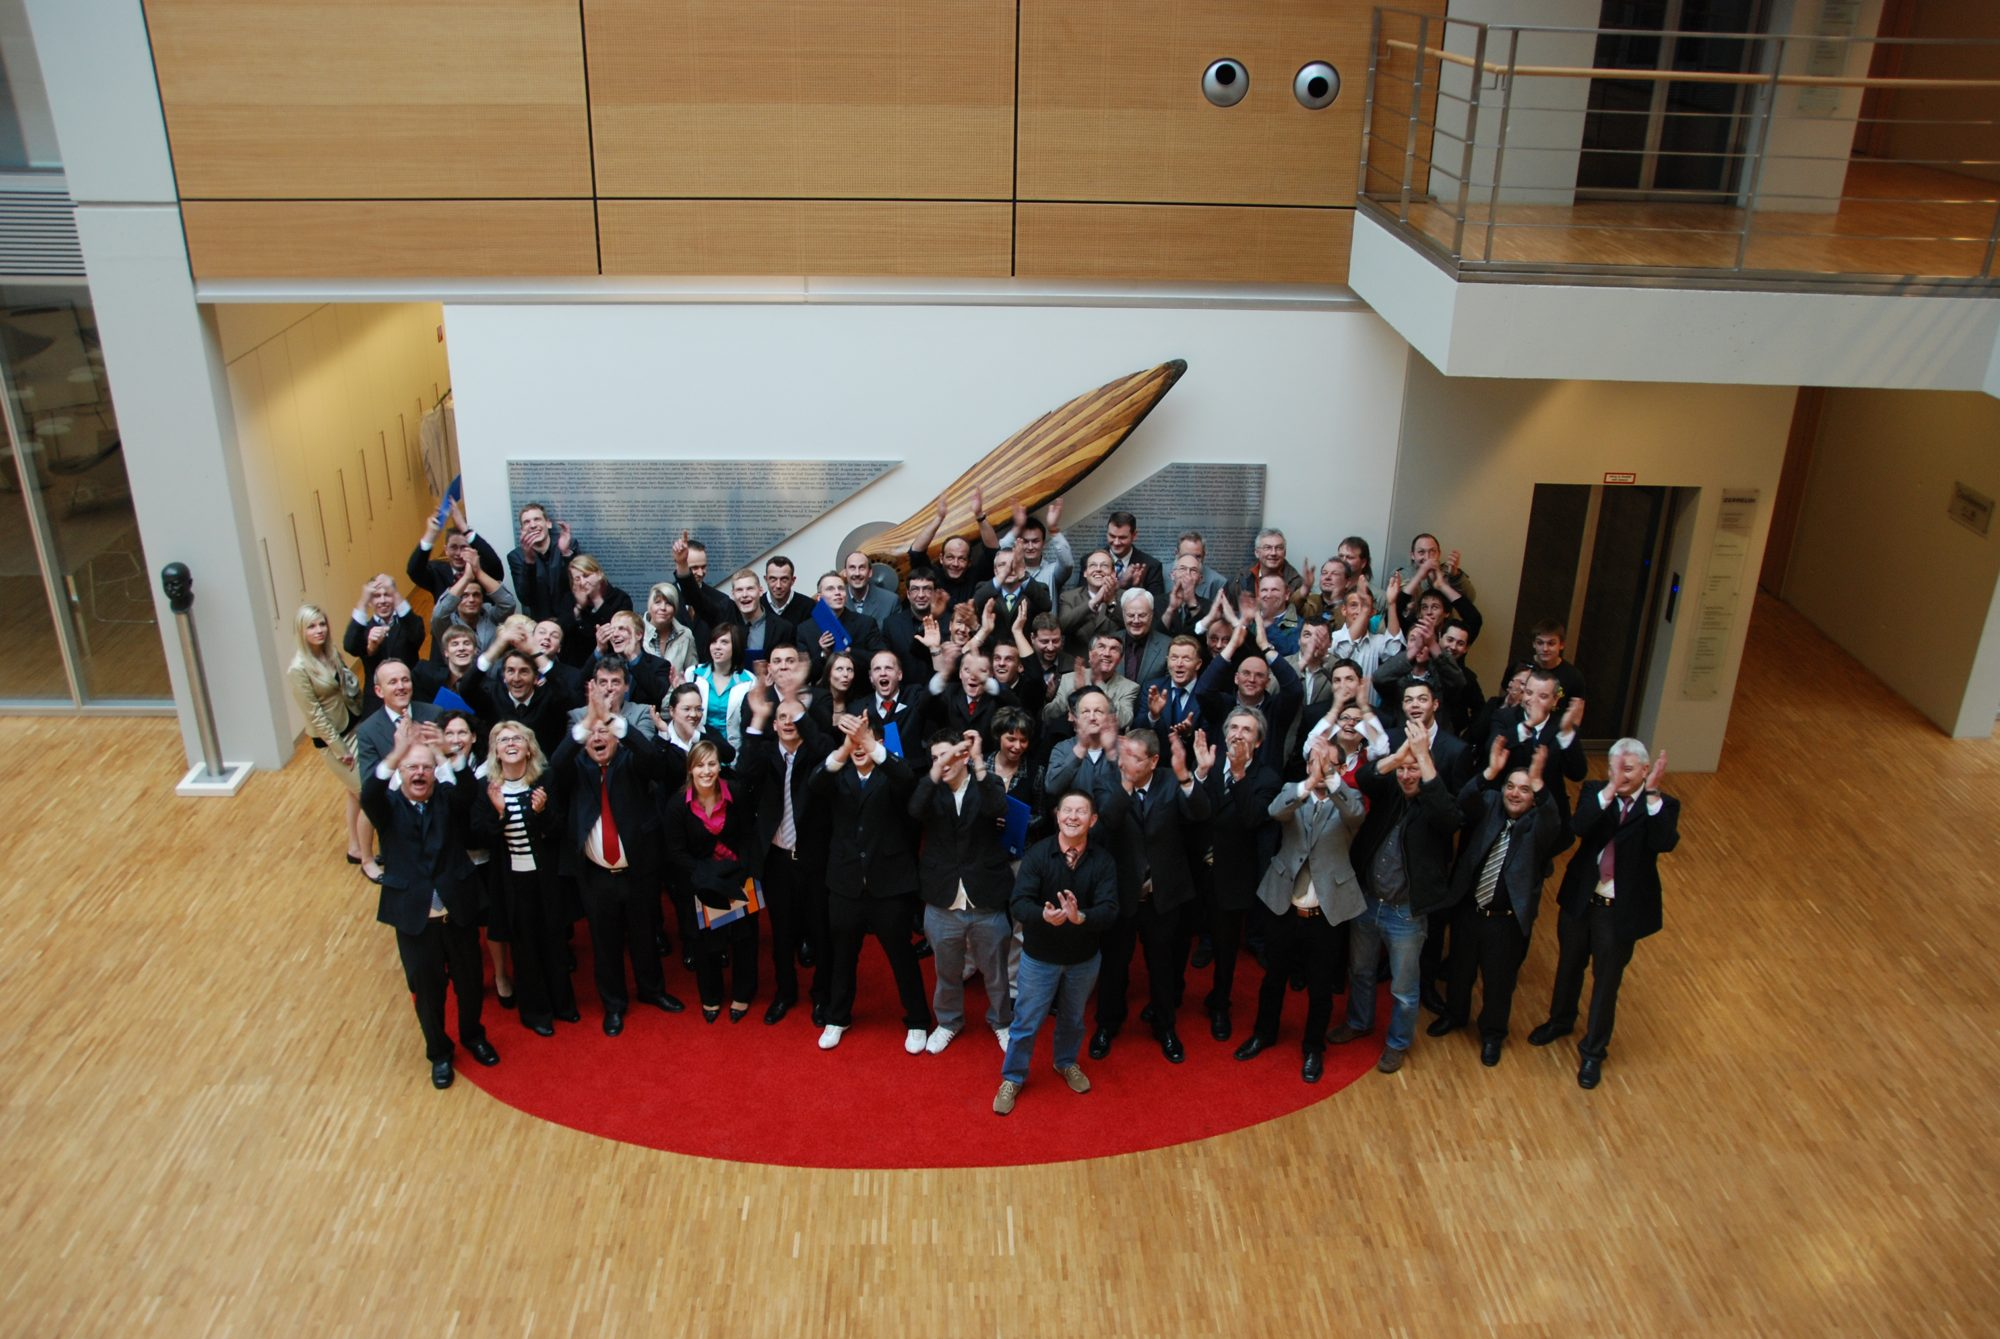 2009 - Shooting Freisprechungsfeier bei Zepplin München.